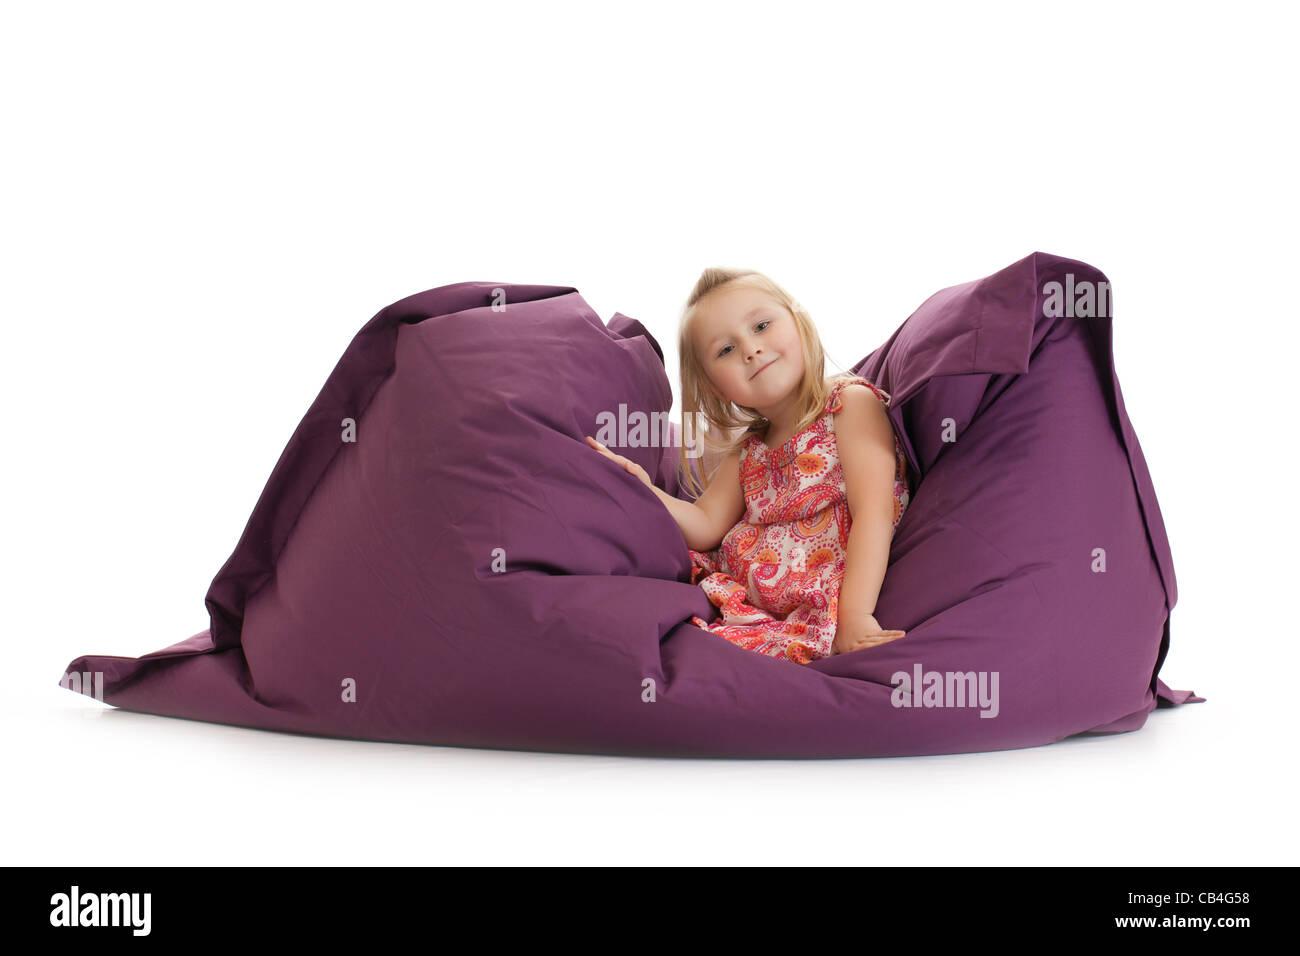 the little girl posing on beanbag - Stock Image